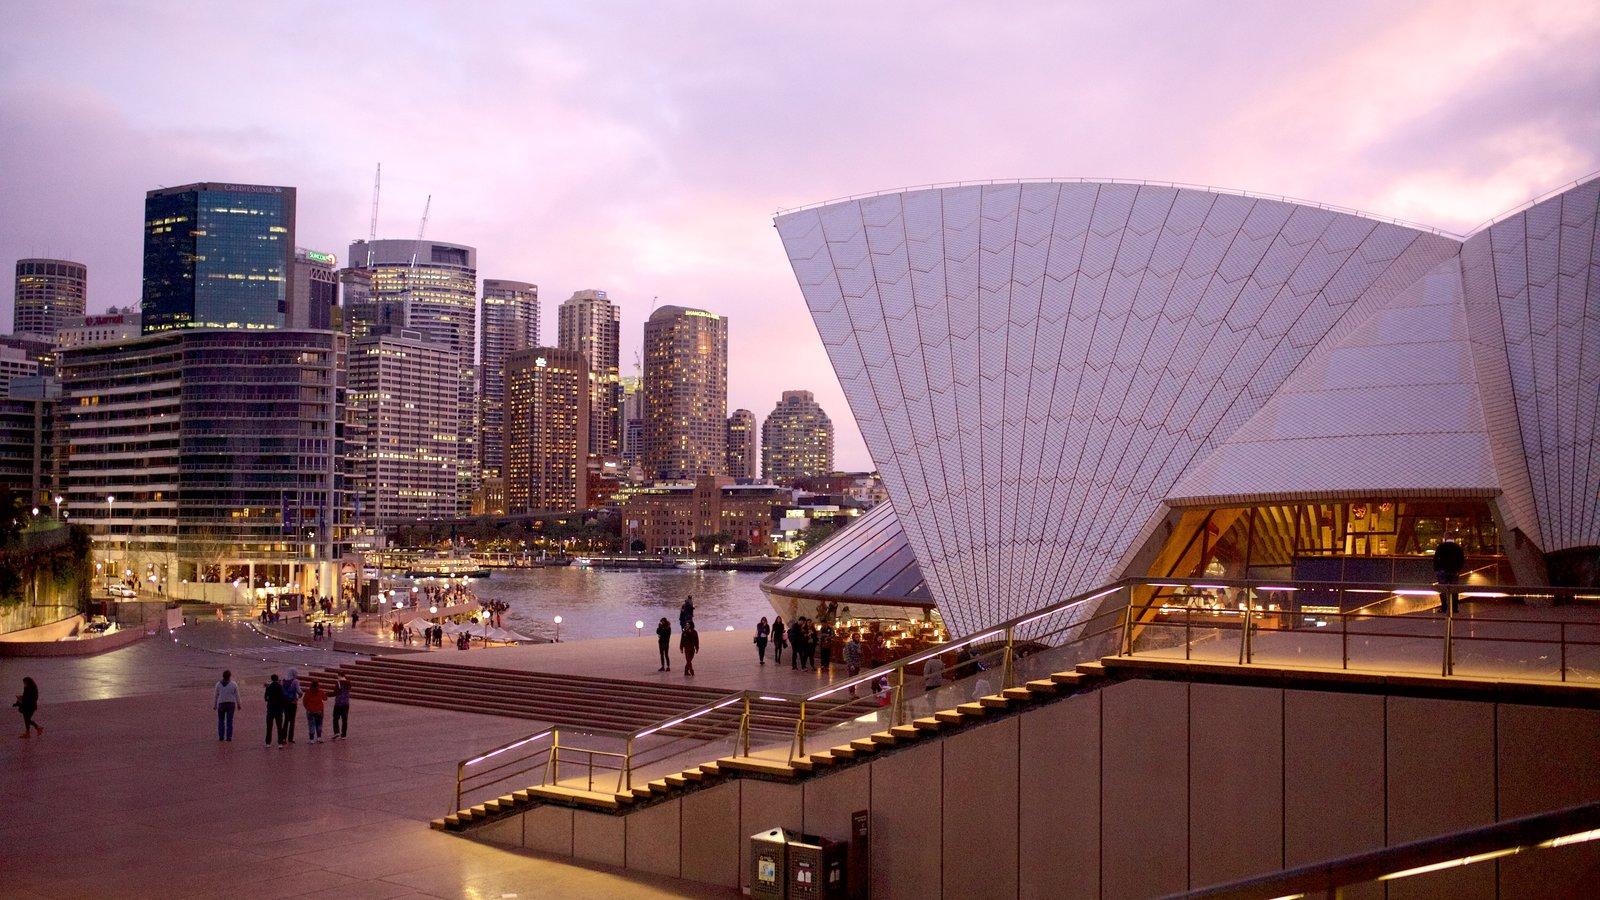 Sídney ofreciendo una ciudad, arquitectura moderna y una puesta de sol